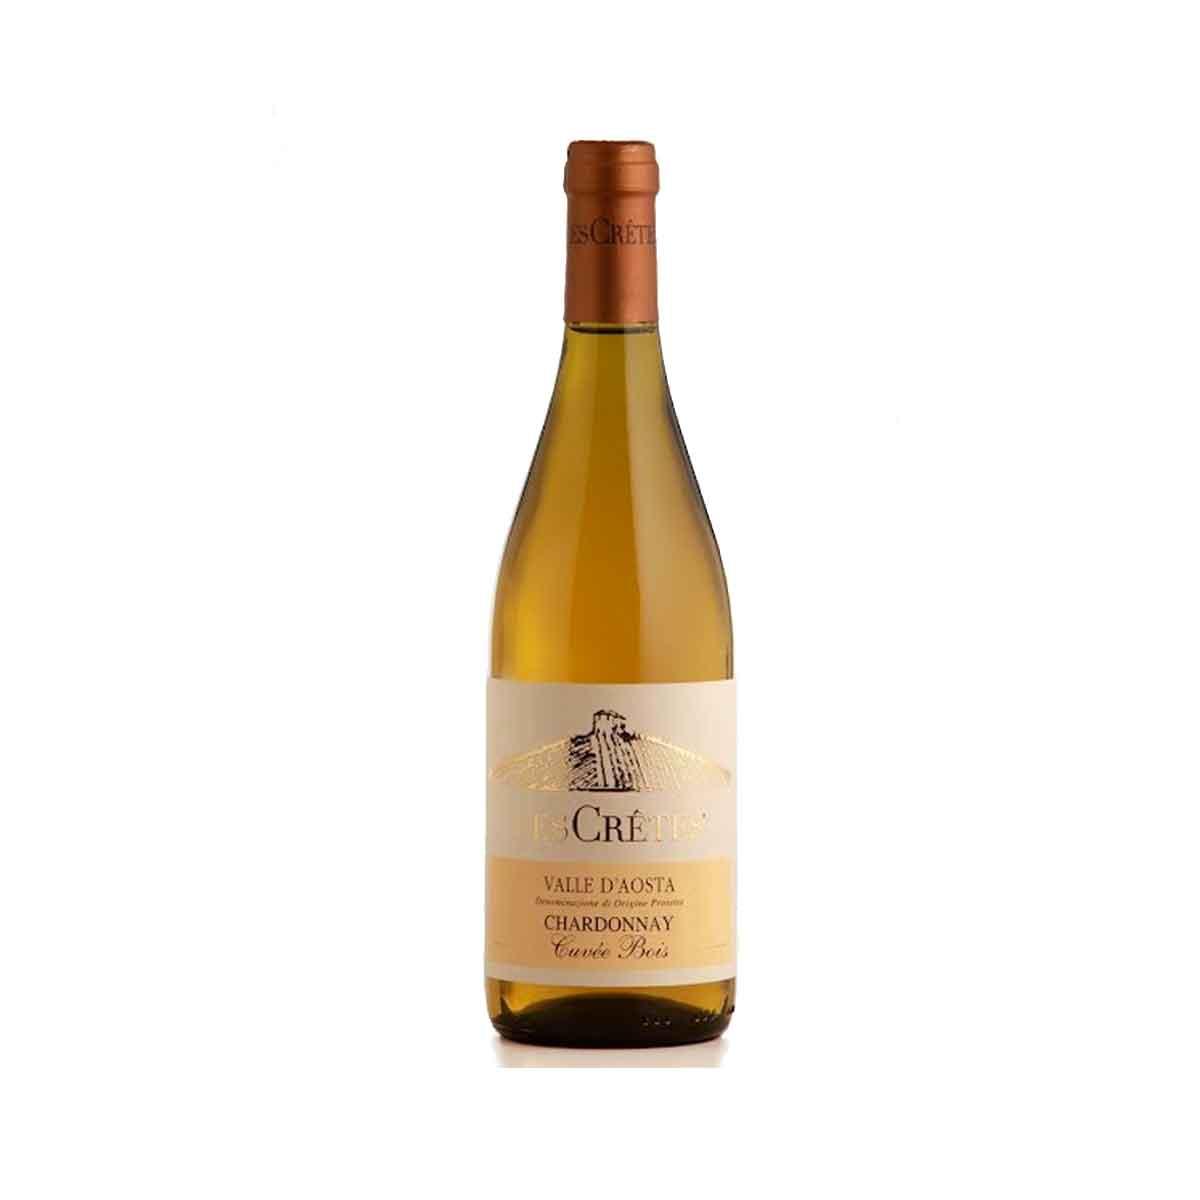 Valle d' Aosta Chardonnay Cuvée Bois, Les Crêtes - Privilege Wine